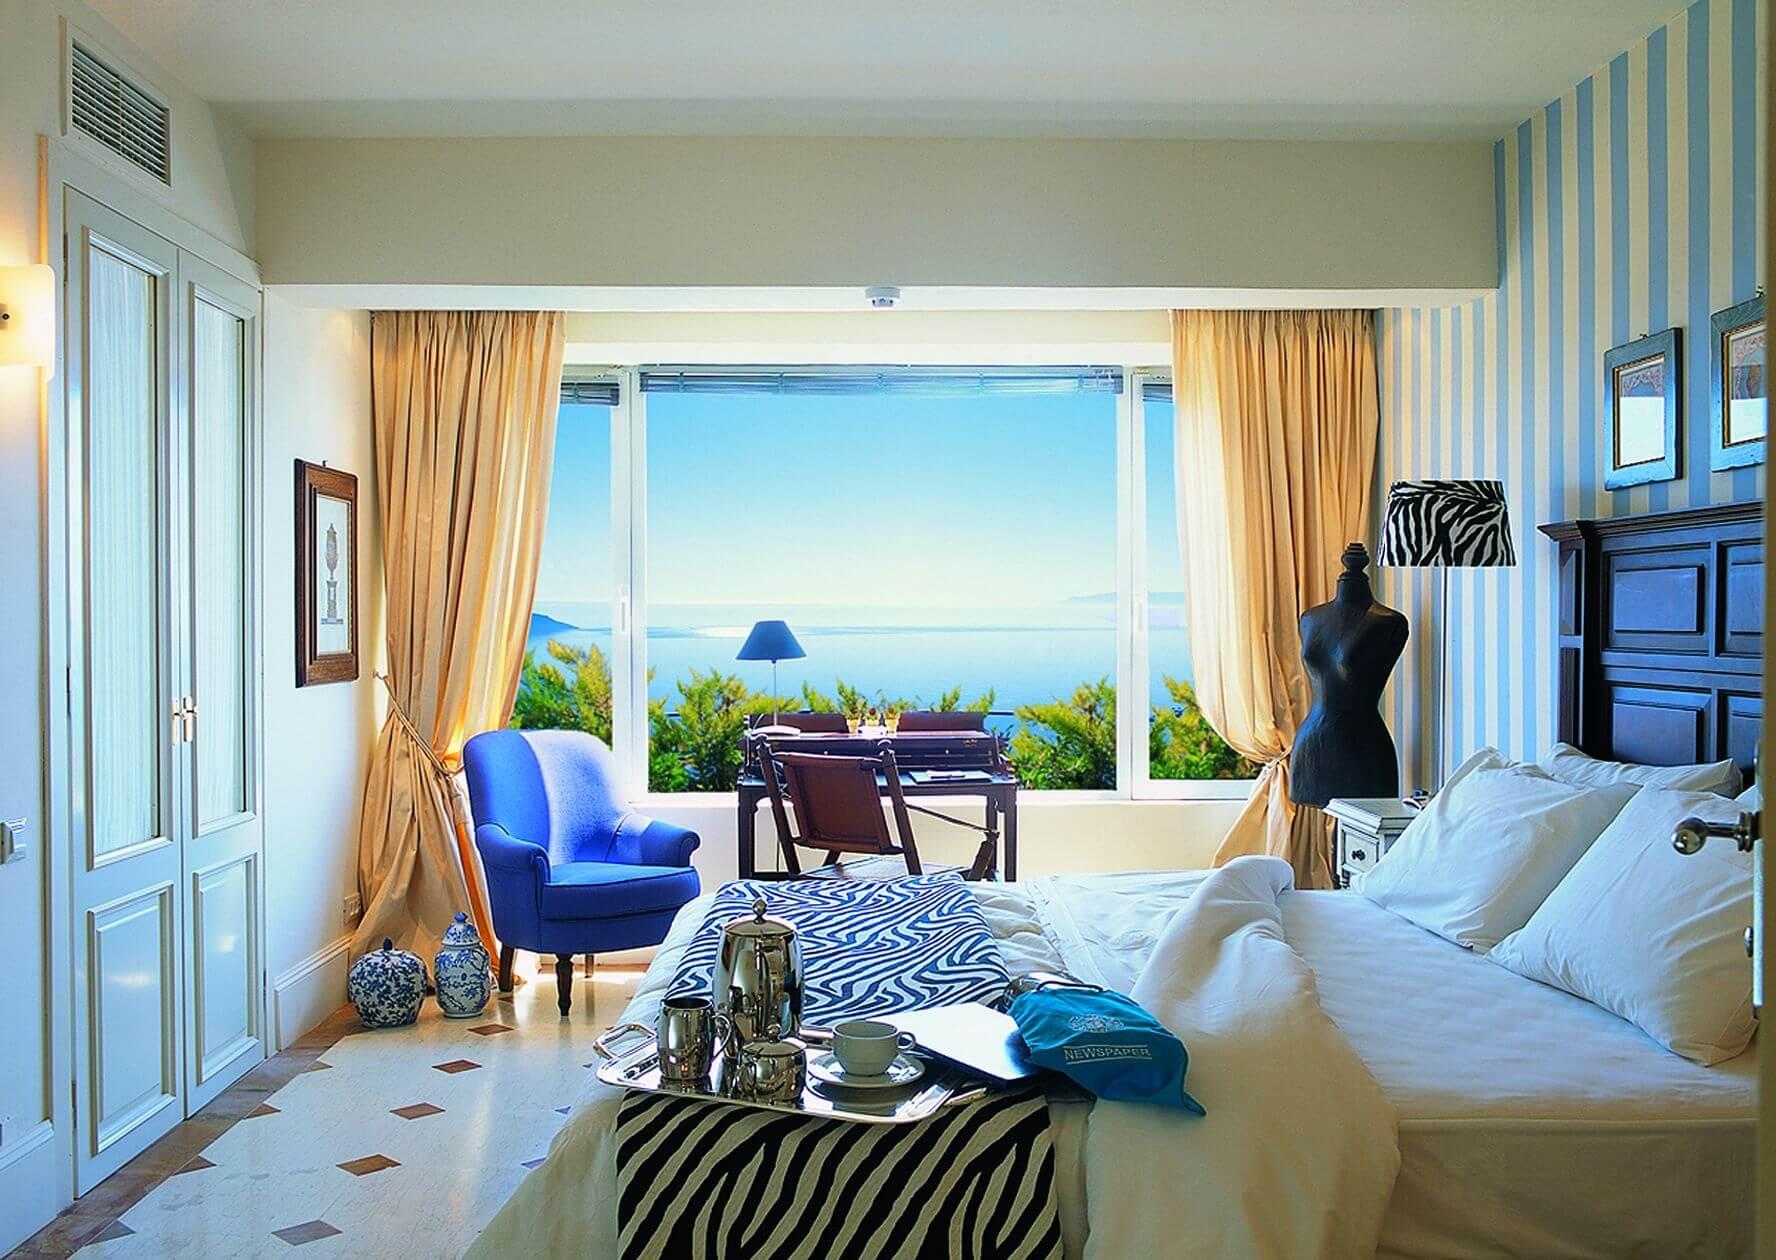 5 unique and stylish hotels travelrepublic blog for Stylish hotel